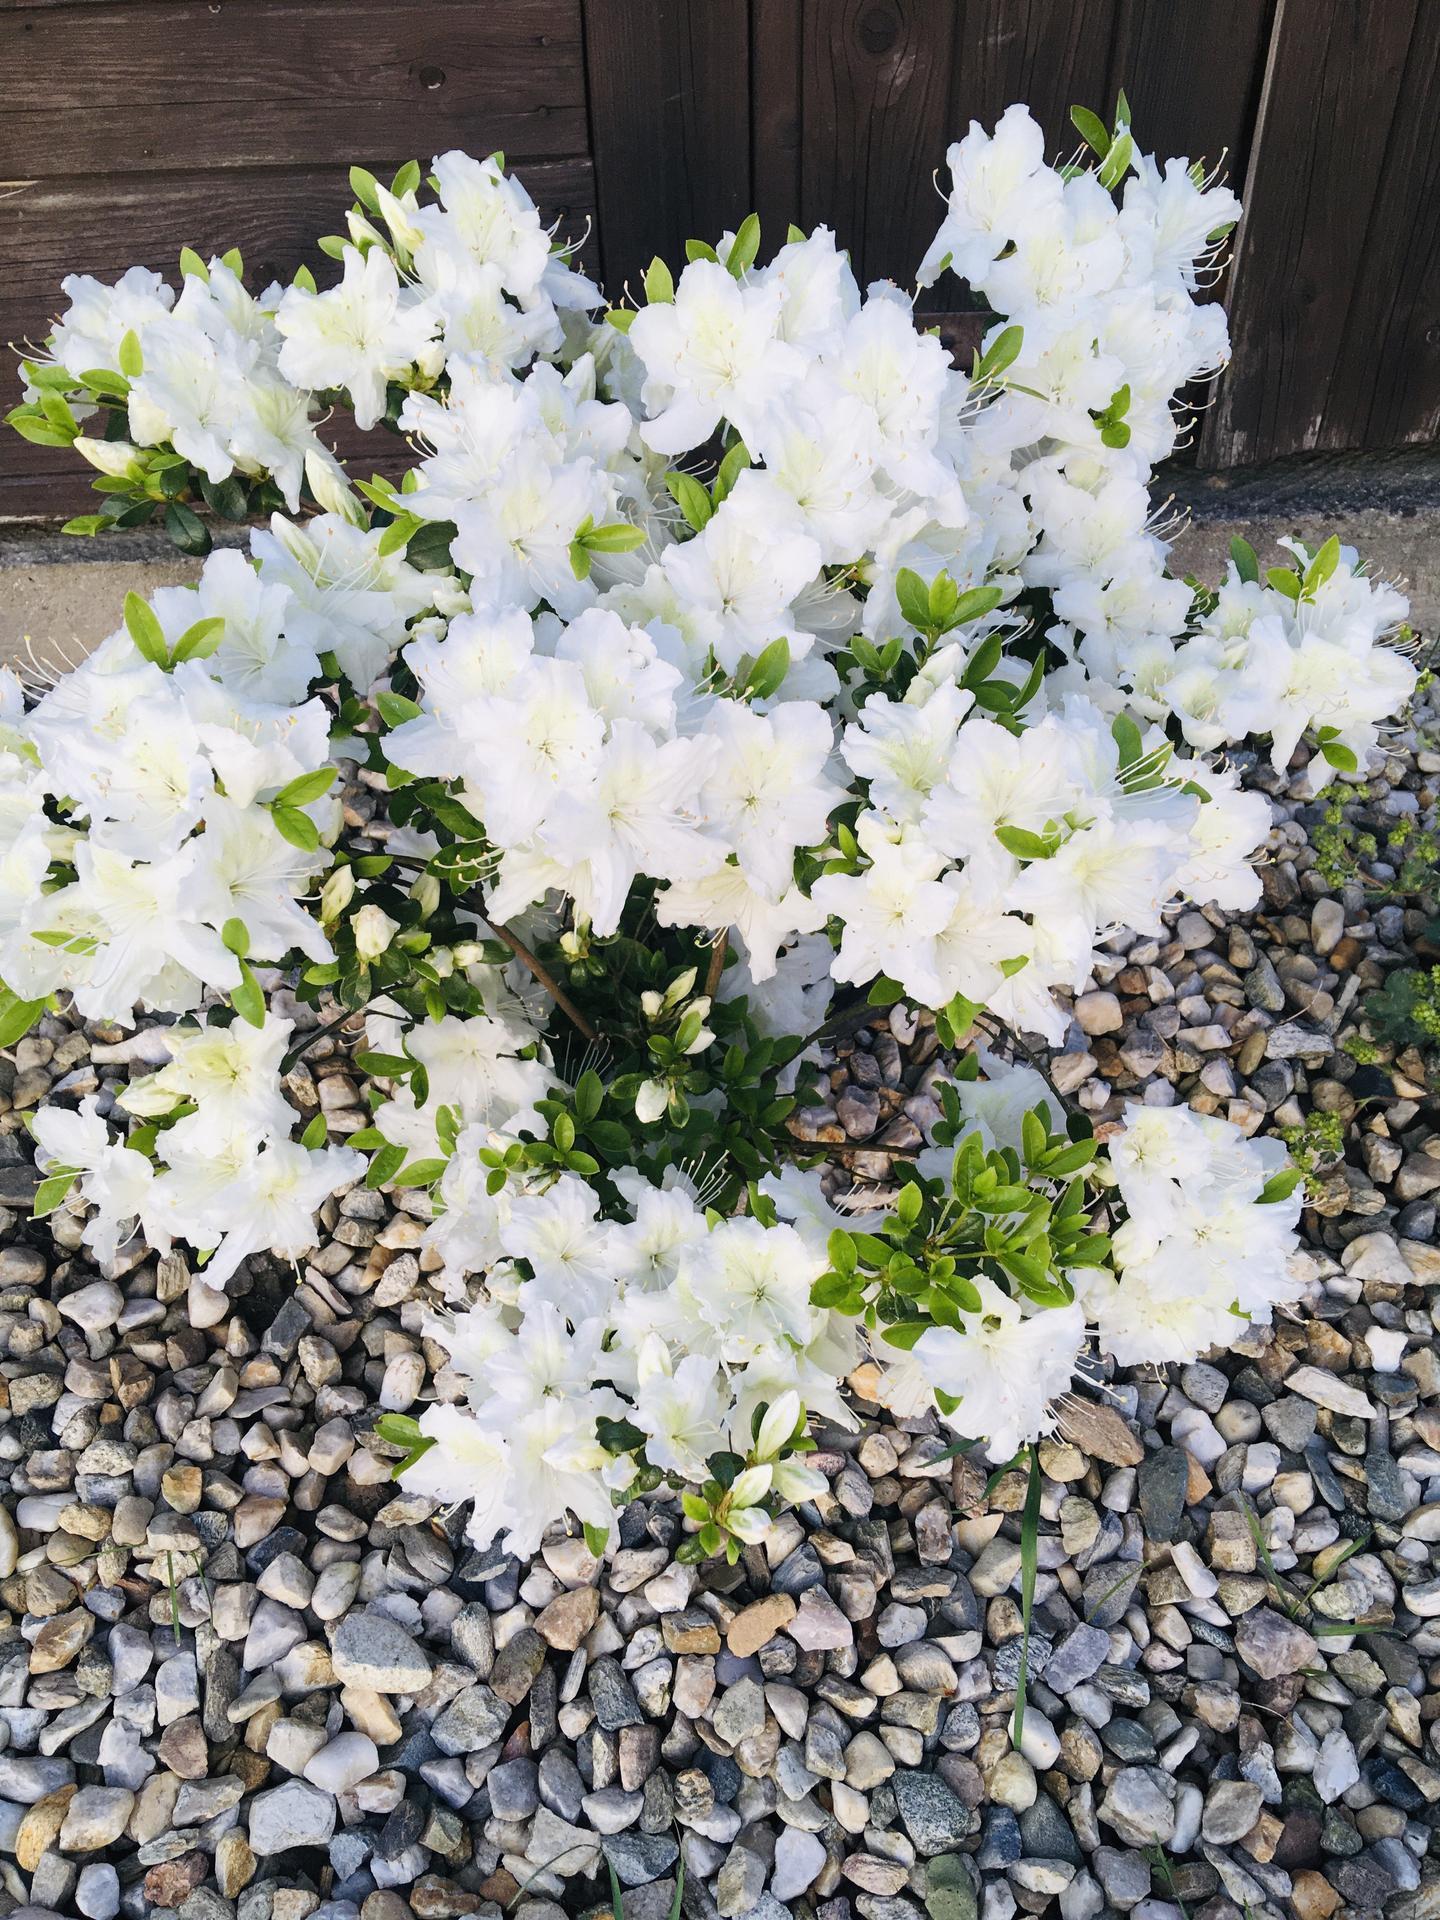 Za plotem - Každý den přidá pár květů navíc 😊